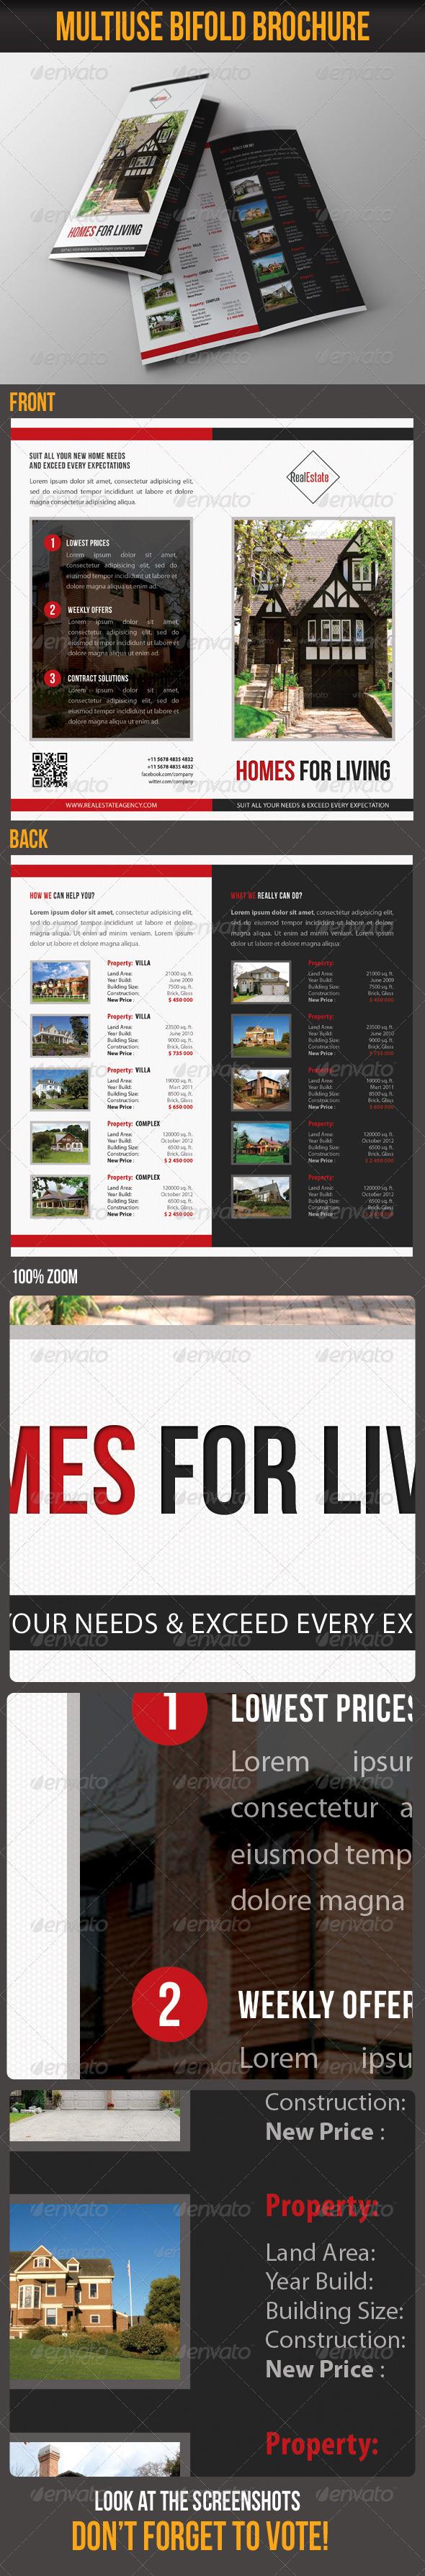 GraphicRiver Multiuse Bifold Brochure 58 7358894